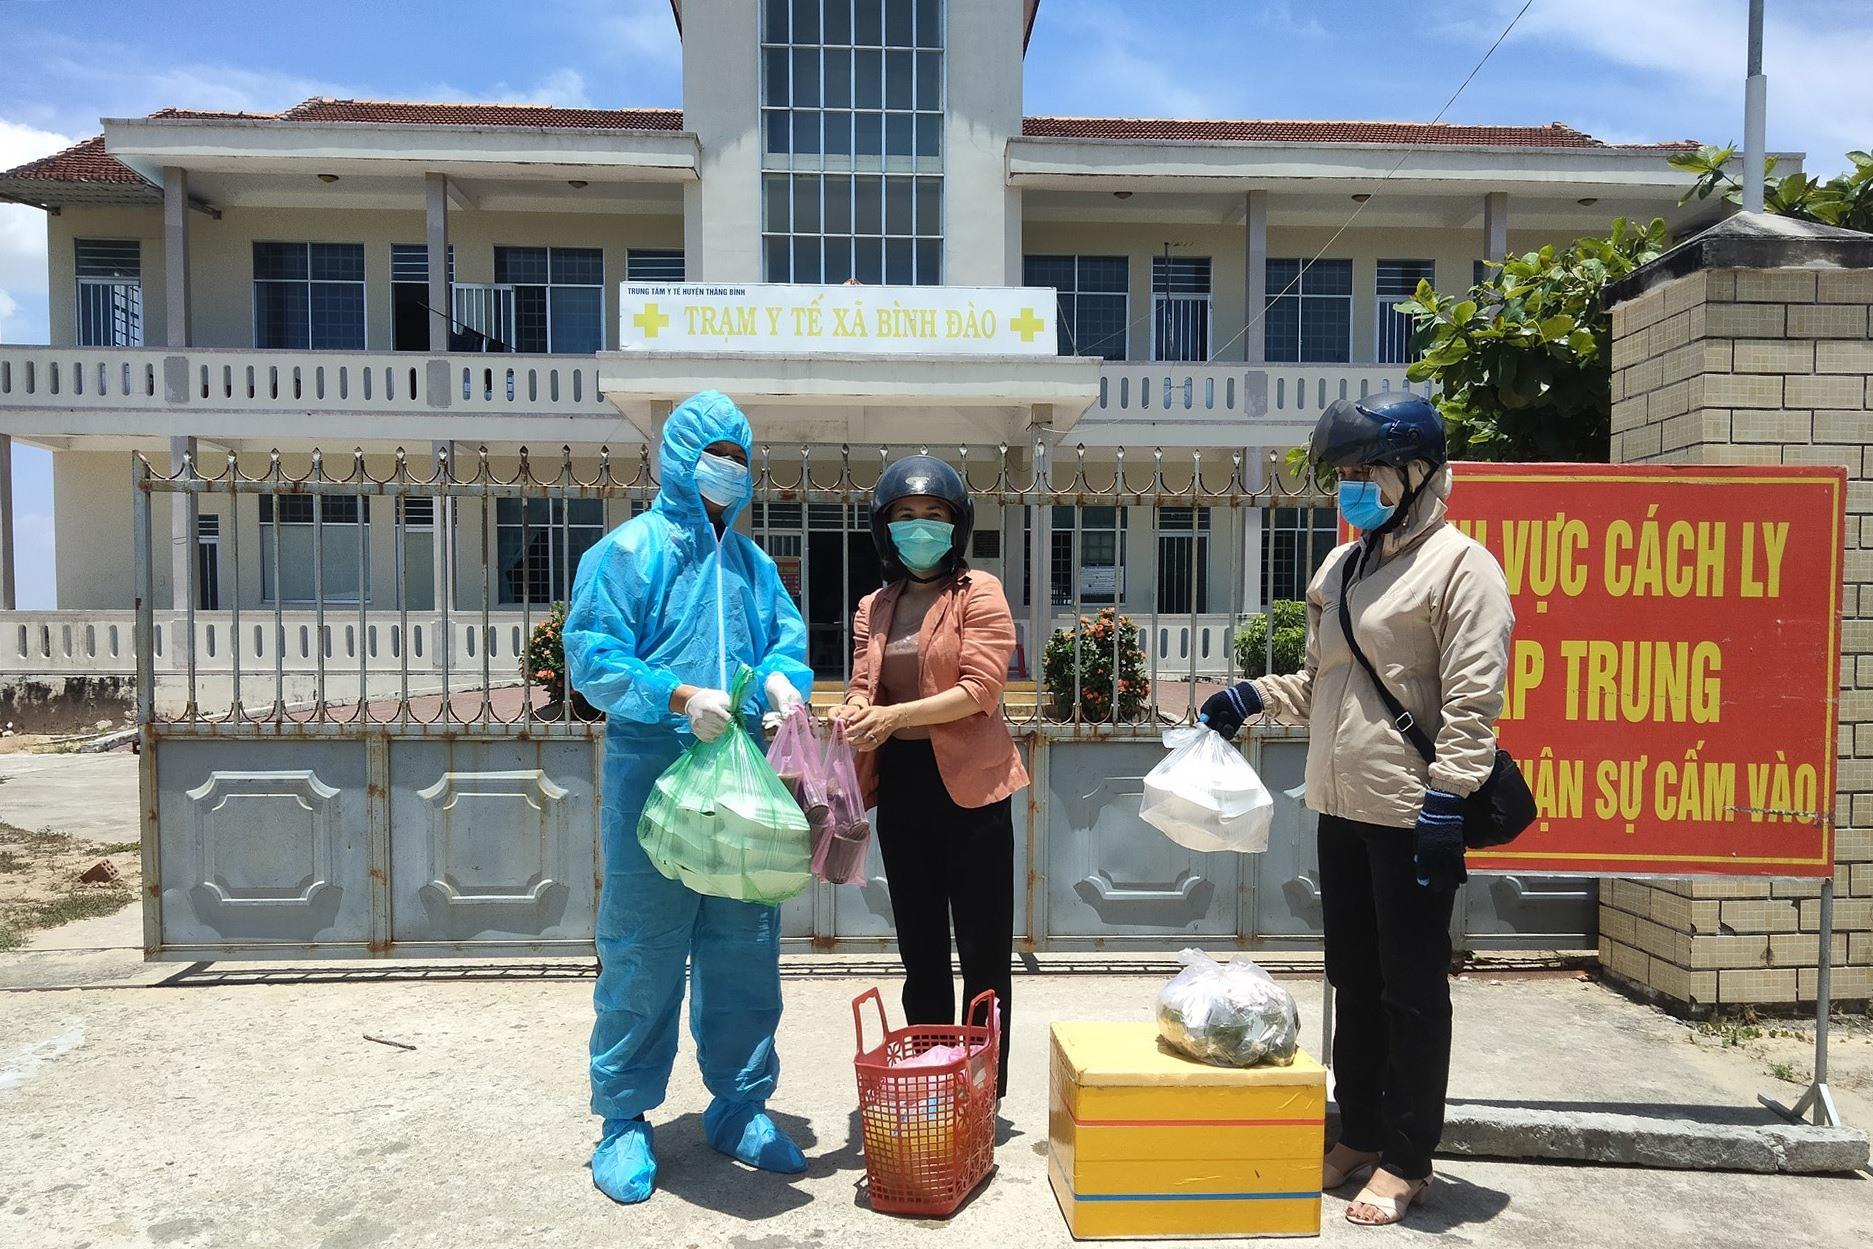 ở sở cách ly tập trung tại Nhà đa năng và Trạm y tế xã Bình Đào hiện tiếp nhận 40 công dân tham gia cách ly